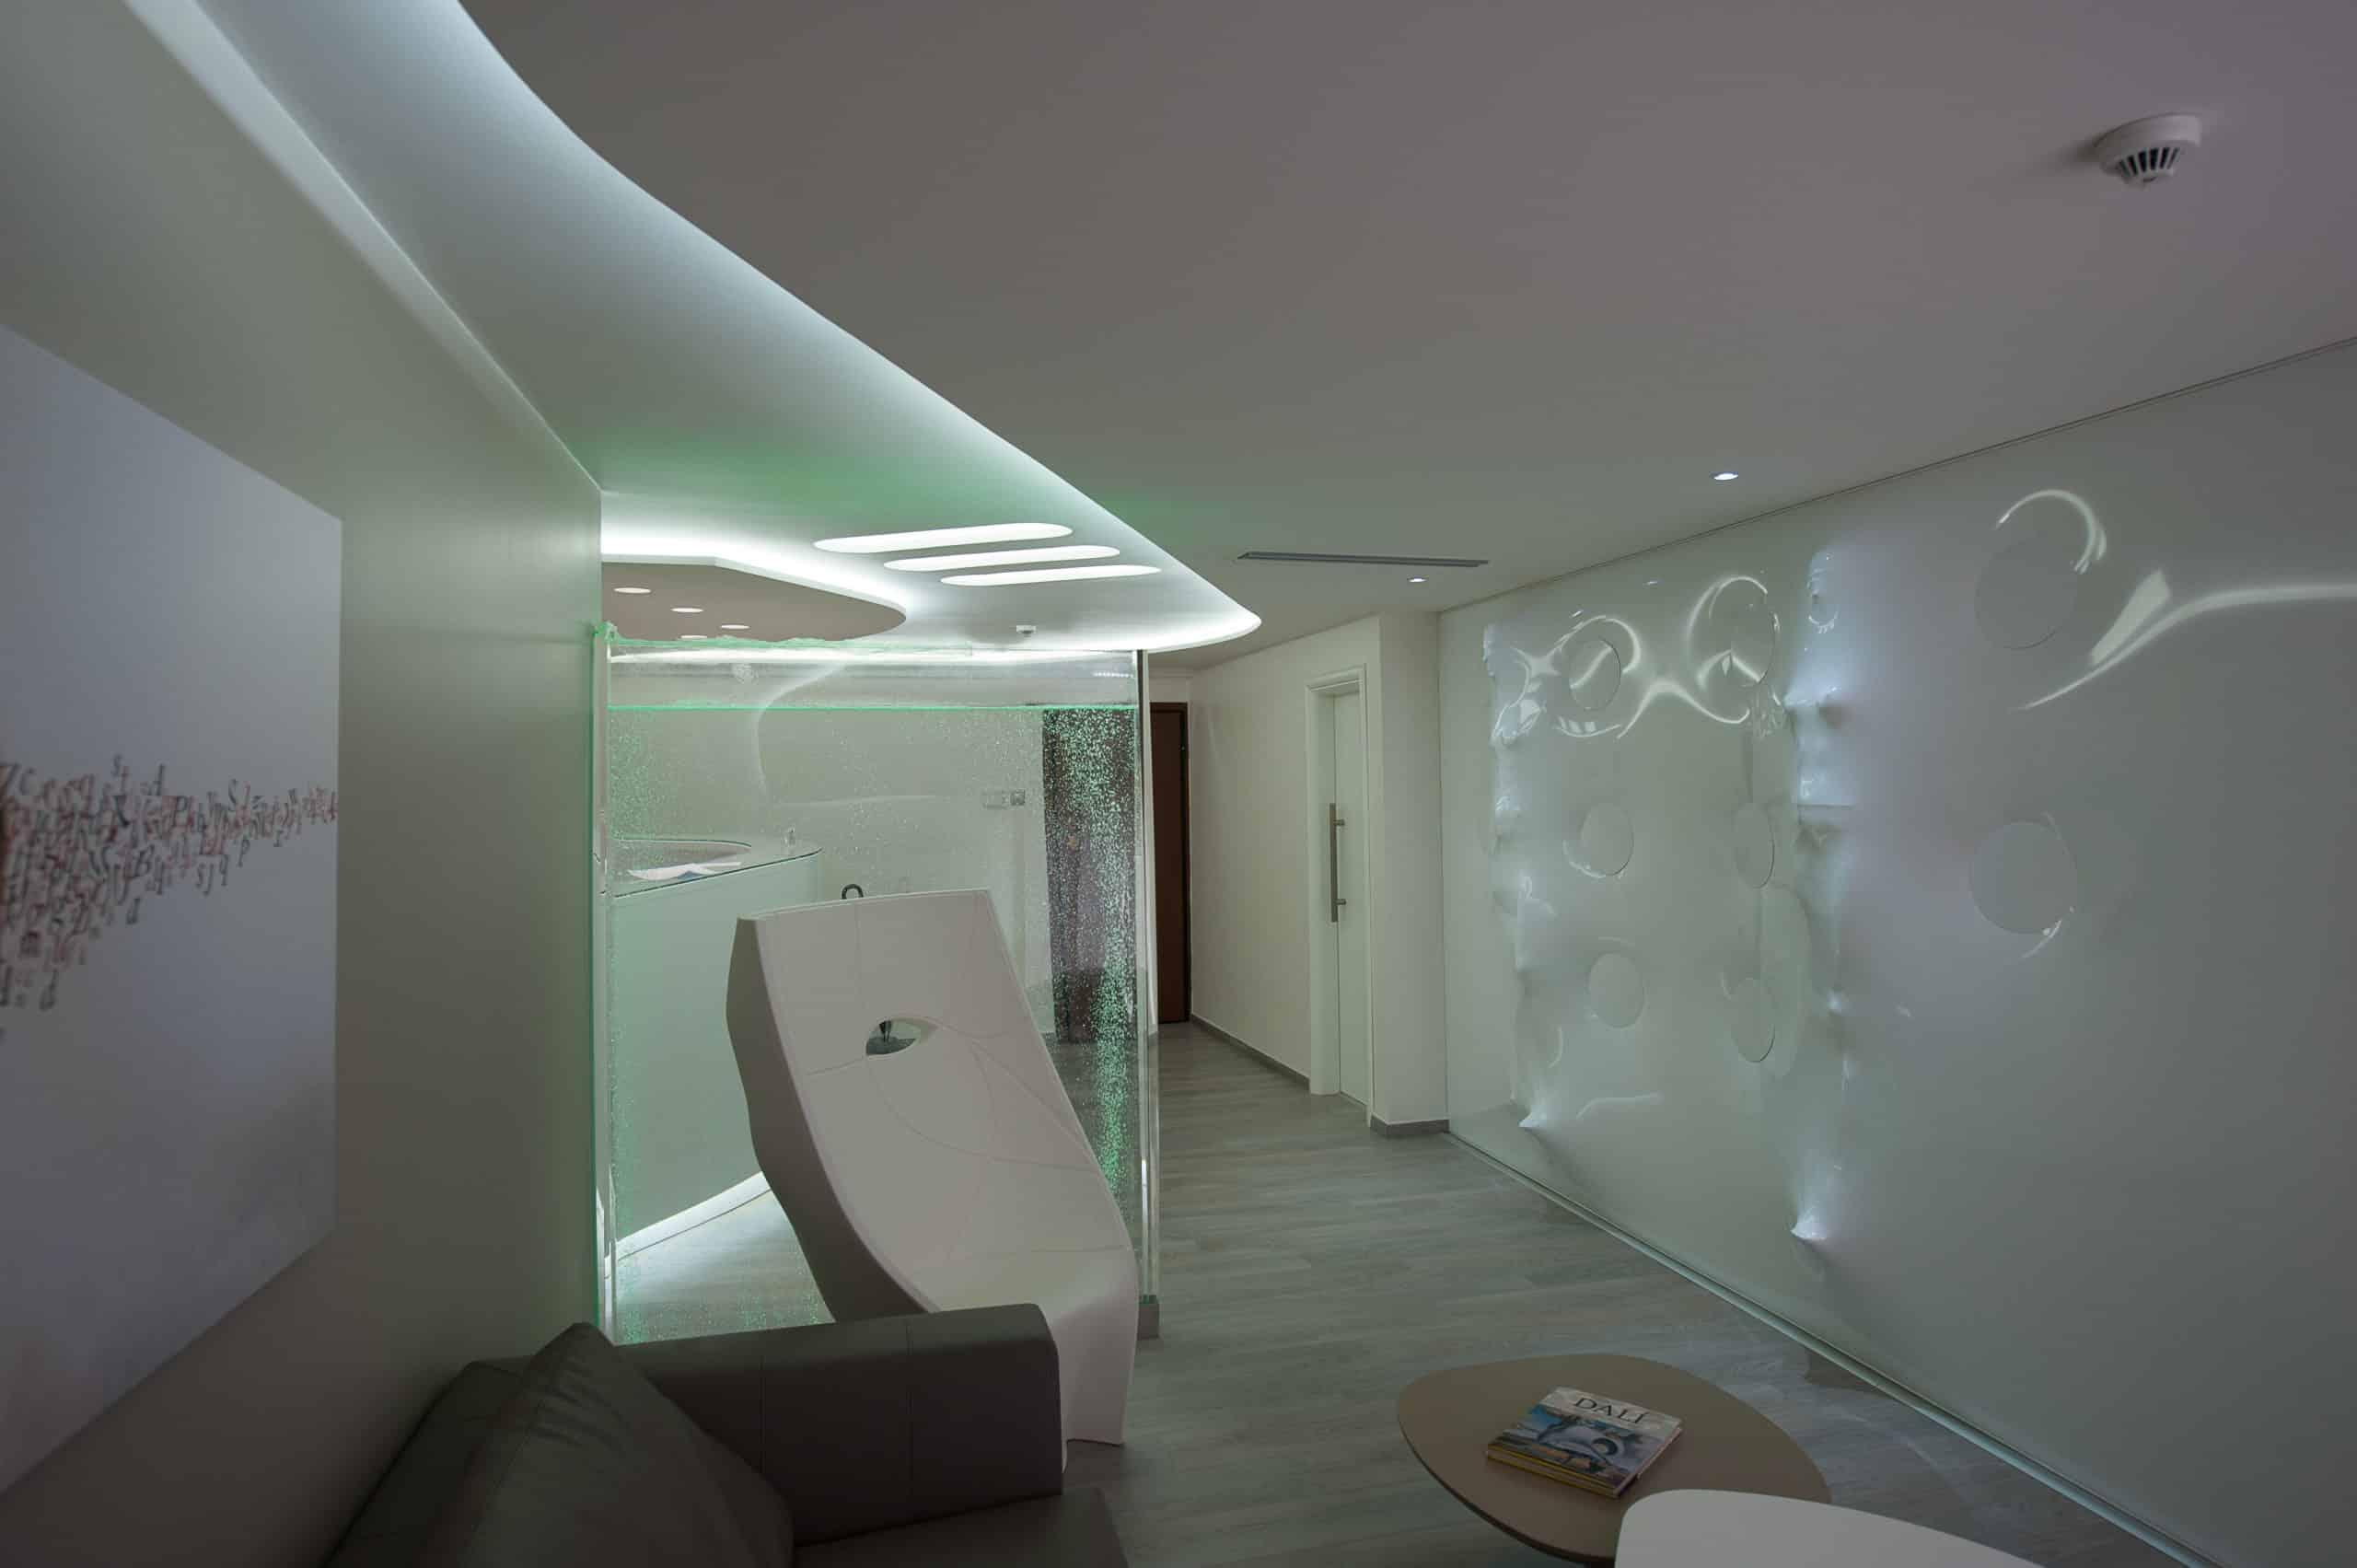 Σχεδιασμός μελέτης Ιατρείου Πλαστικής Χειρουργικής στην Τρίπολη